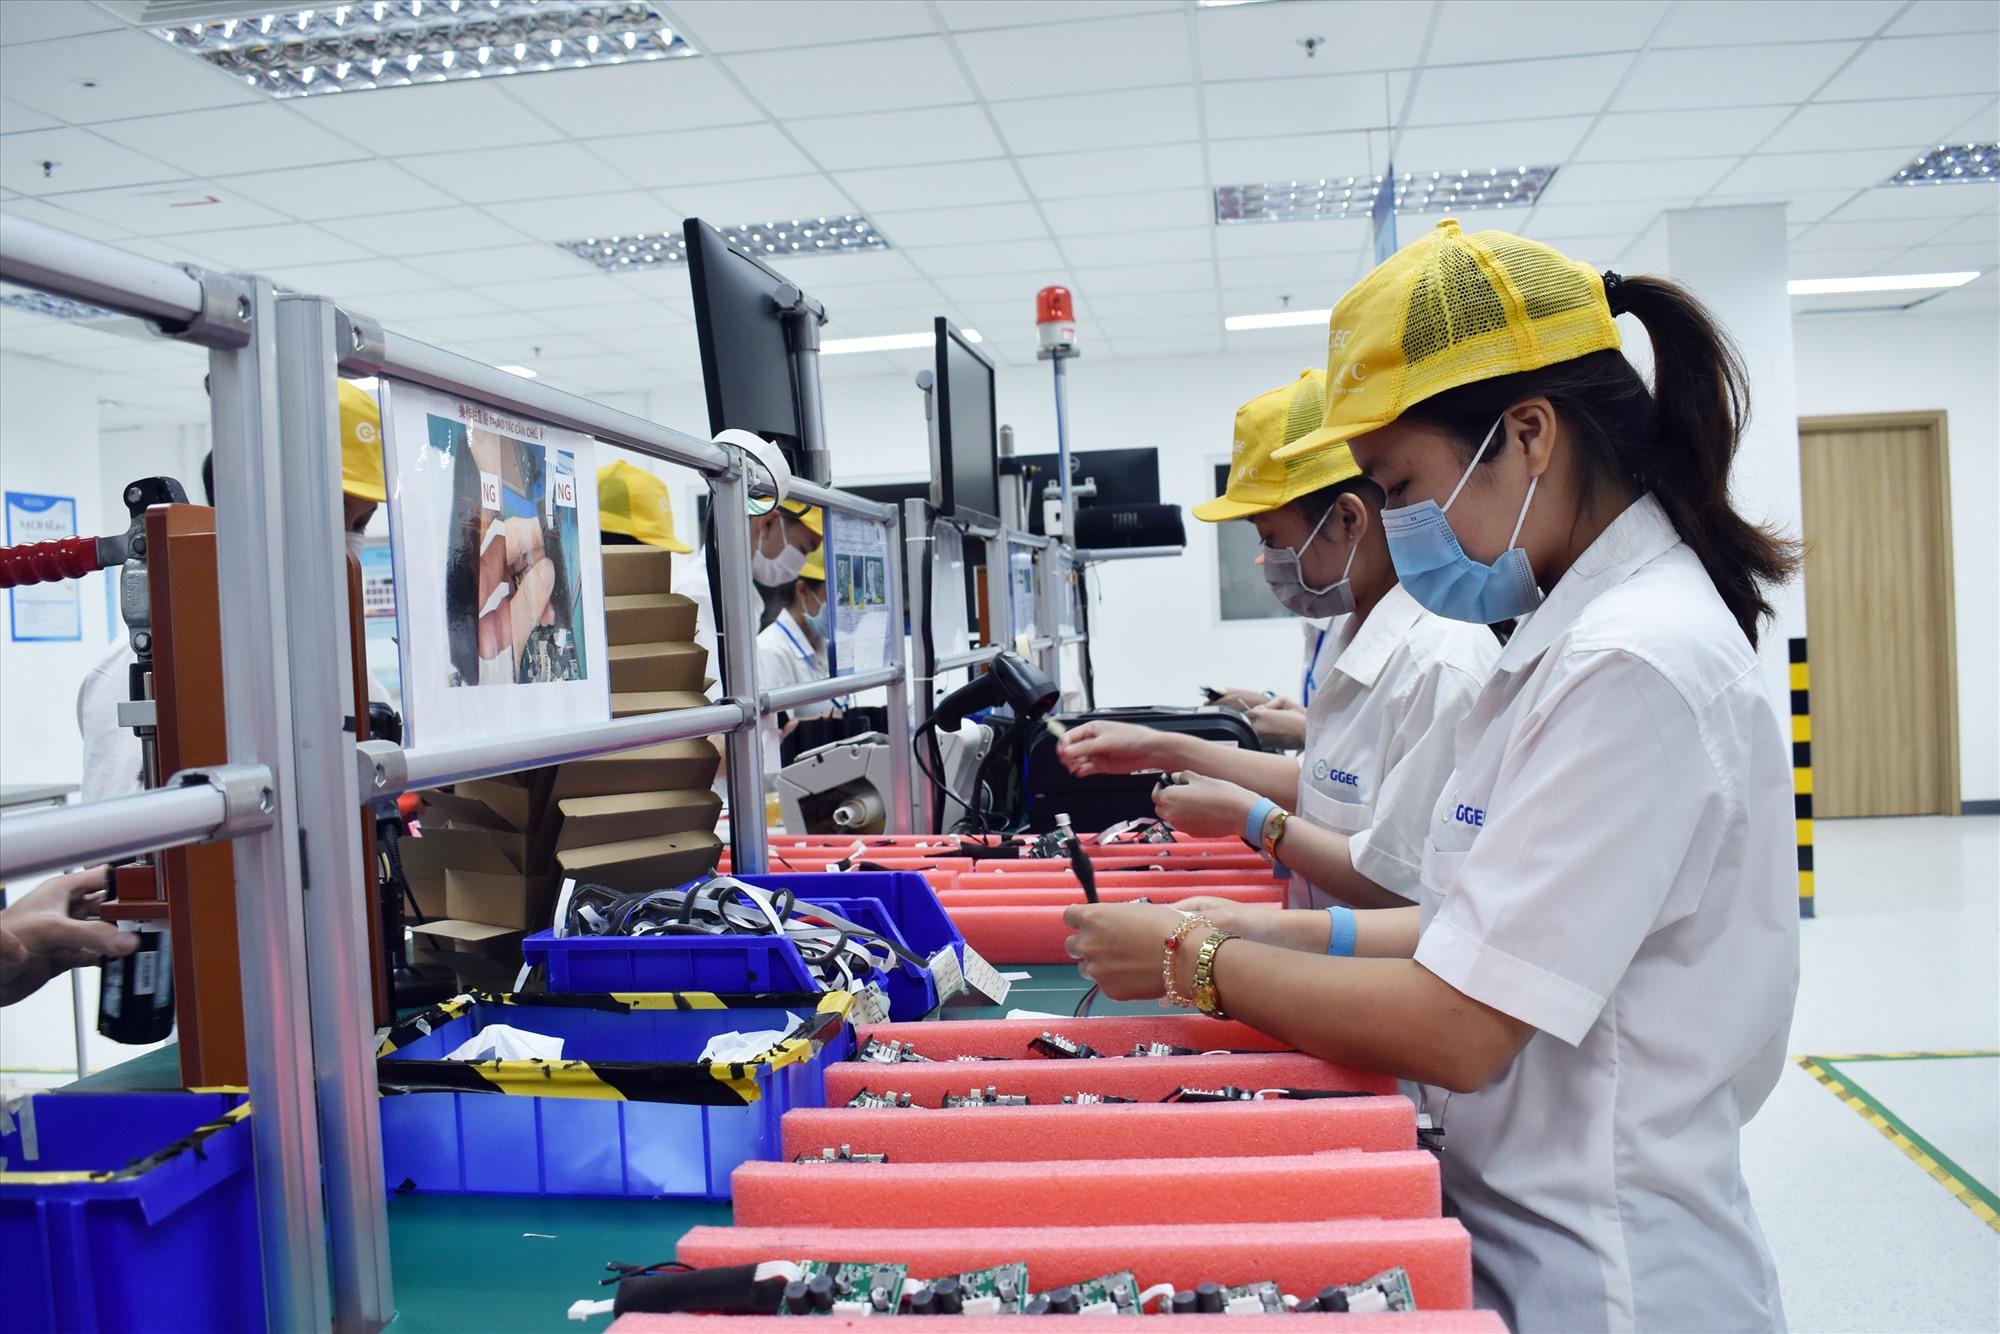 Nhiều doanh nghiệp trong các KCN đã thực hiện tốt mục tiêu kép vừa chống dịch vừa sản xuất hiệu quả. Ảnh: V.LỘC